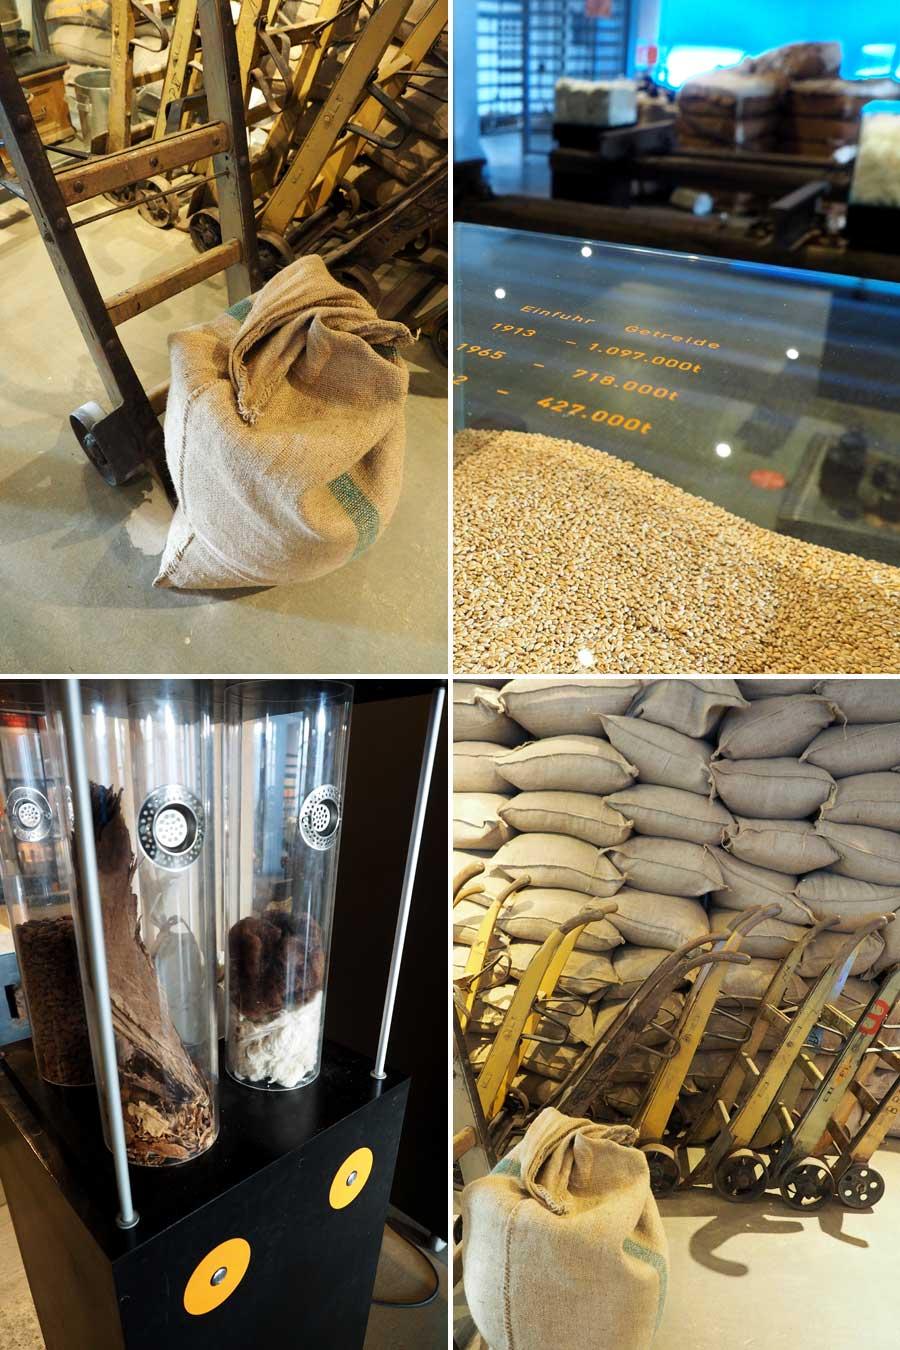 Etwa 60 Kilo wiegt so ein Kaffeesack (oben links). Neben Kaffee wurden vor allem Getreide, Baumwolle und Tabak in Bremen umgeschlagen.